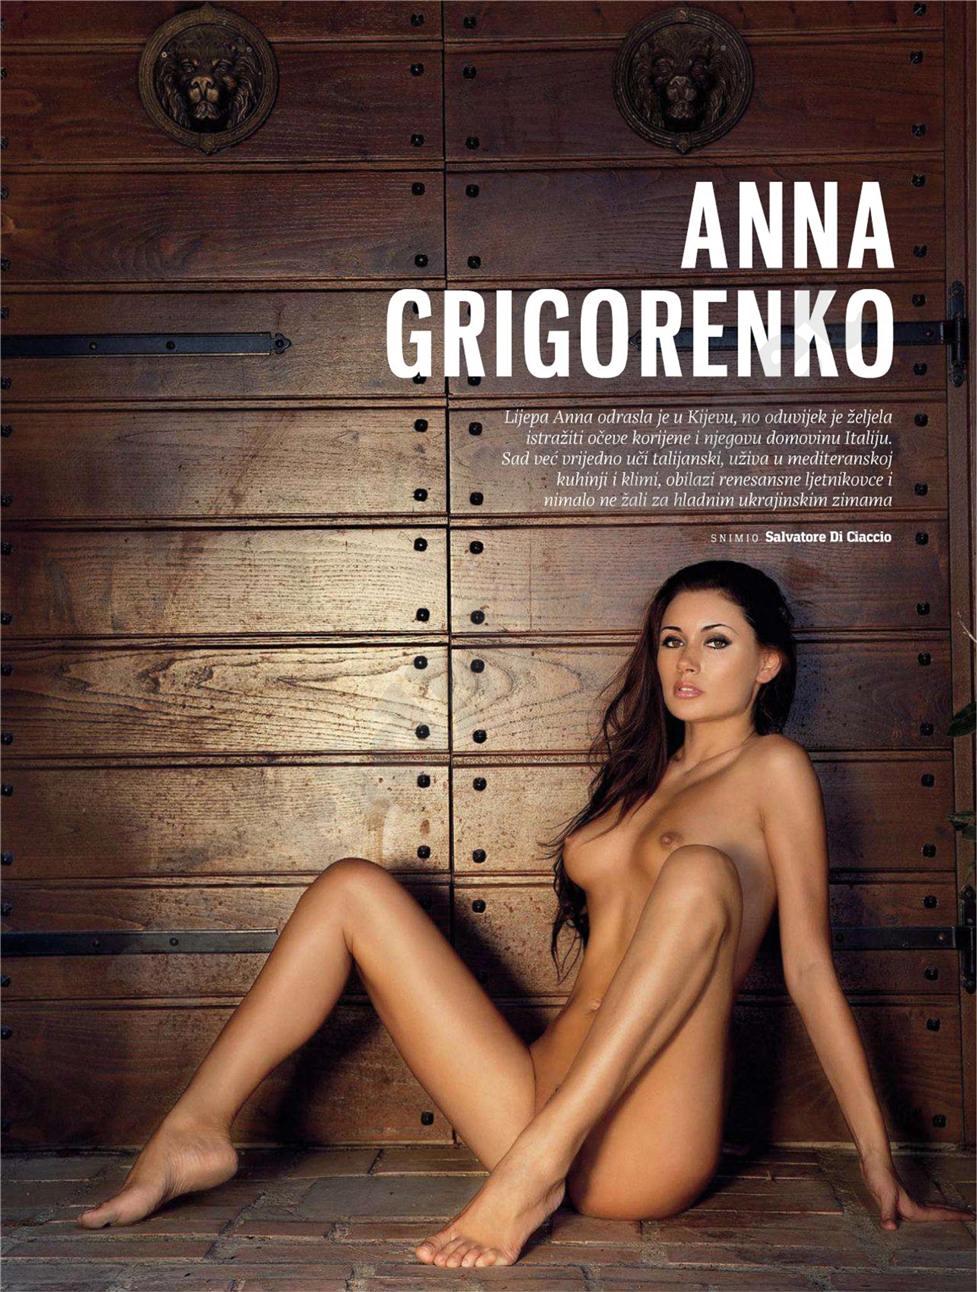 Украинка анна эротика фотосет видео